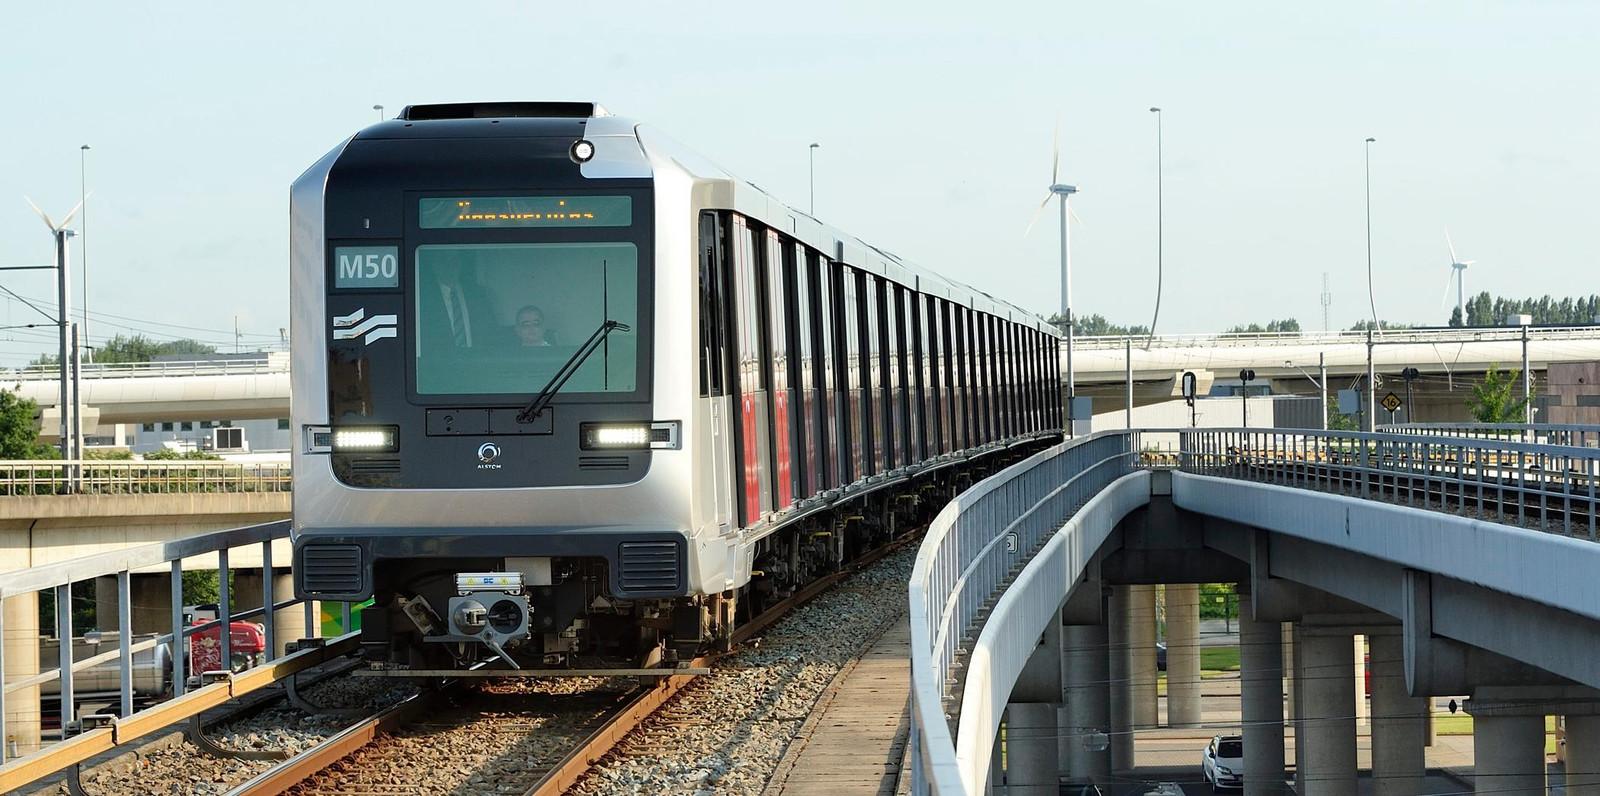 De bedreiging vond plaats in metrolijn 50 in de buurt van Sloterdijk.